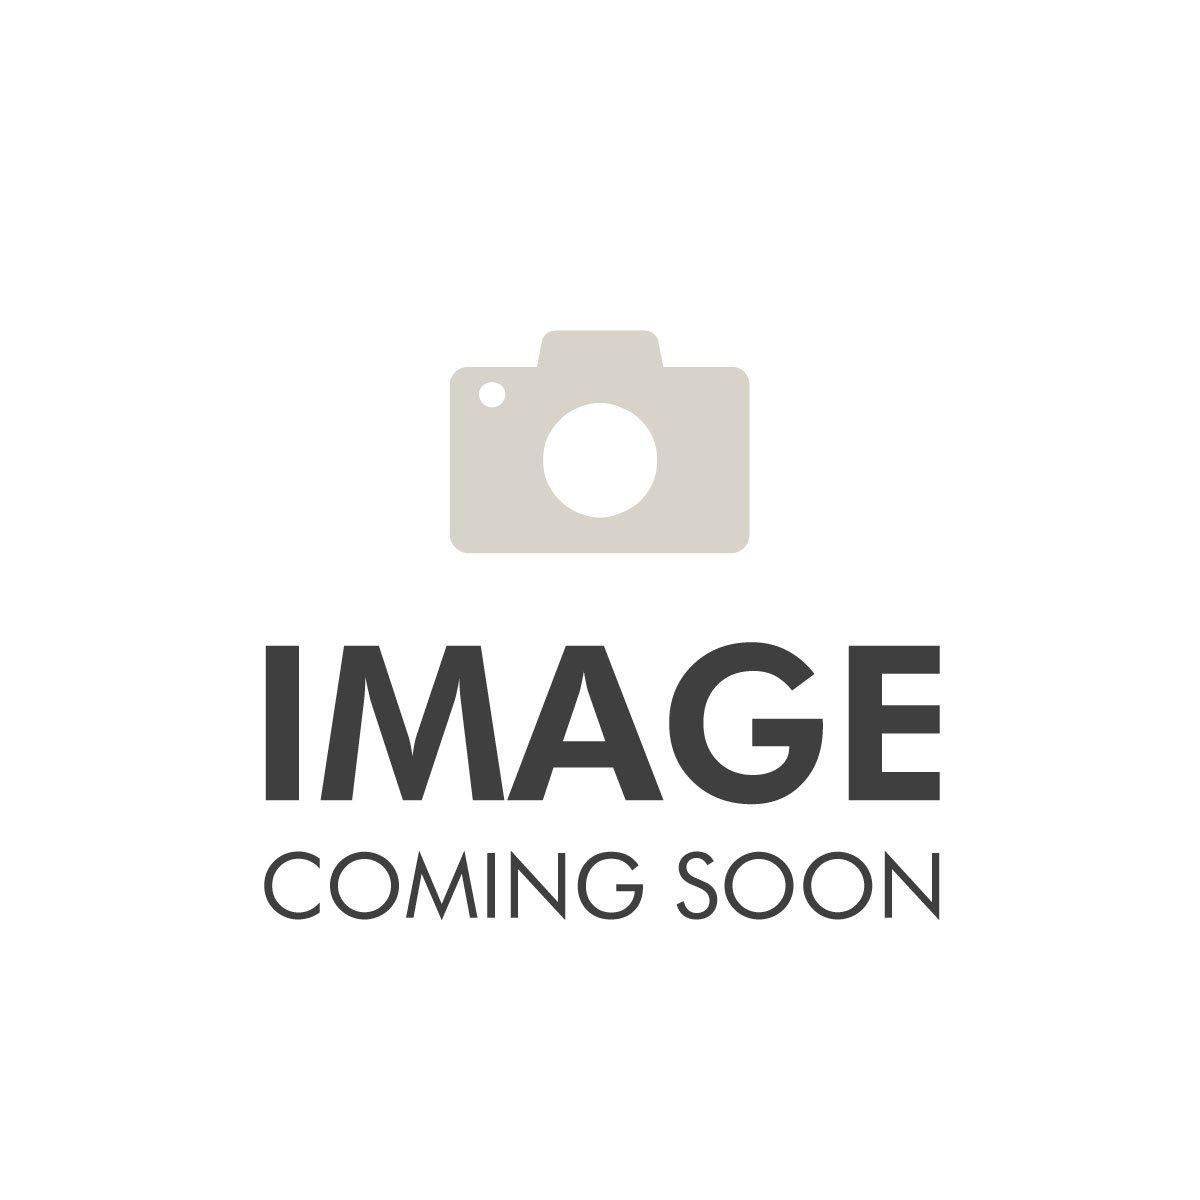 Allstar - Foil Lamé - Women - Stainless